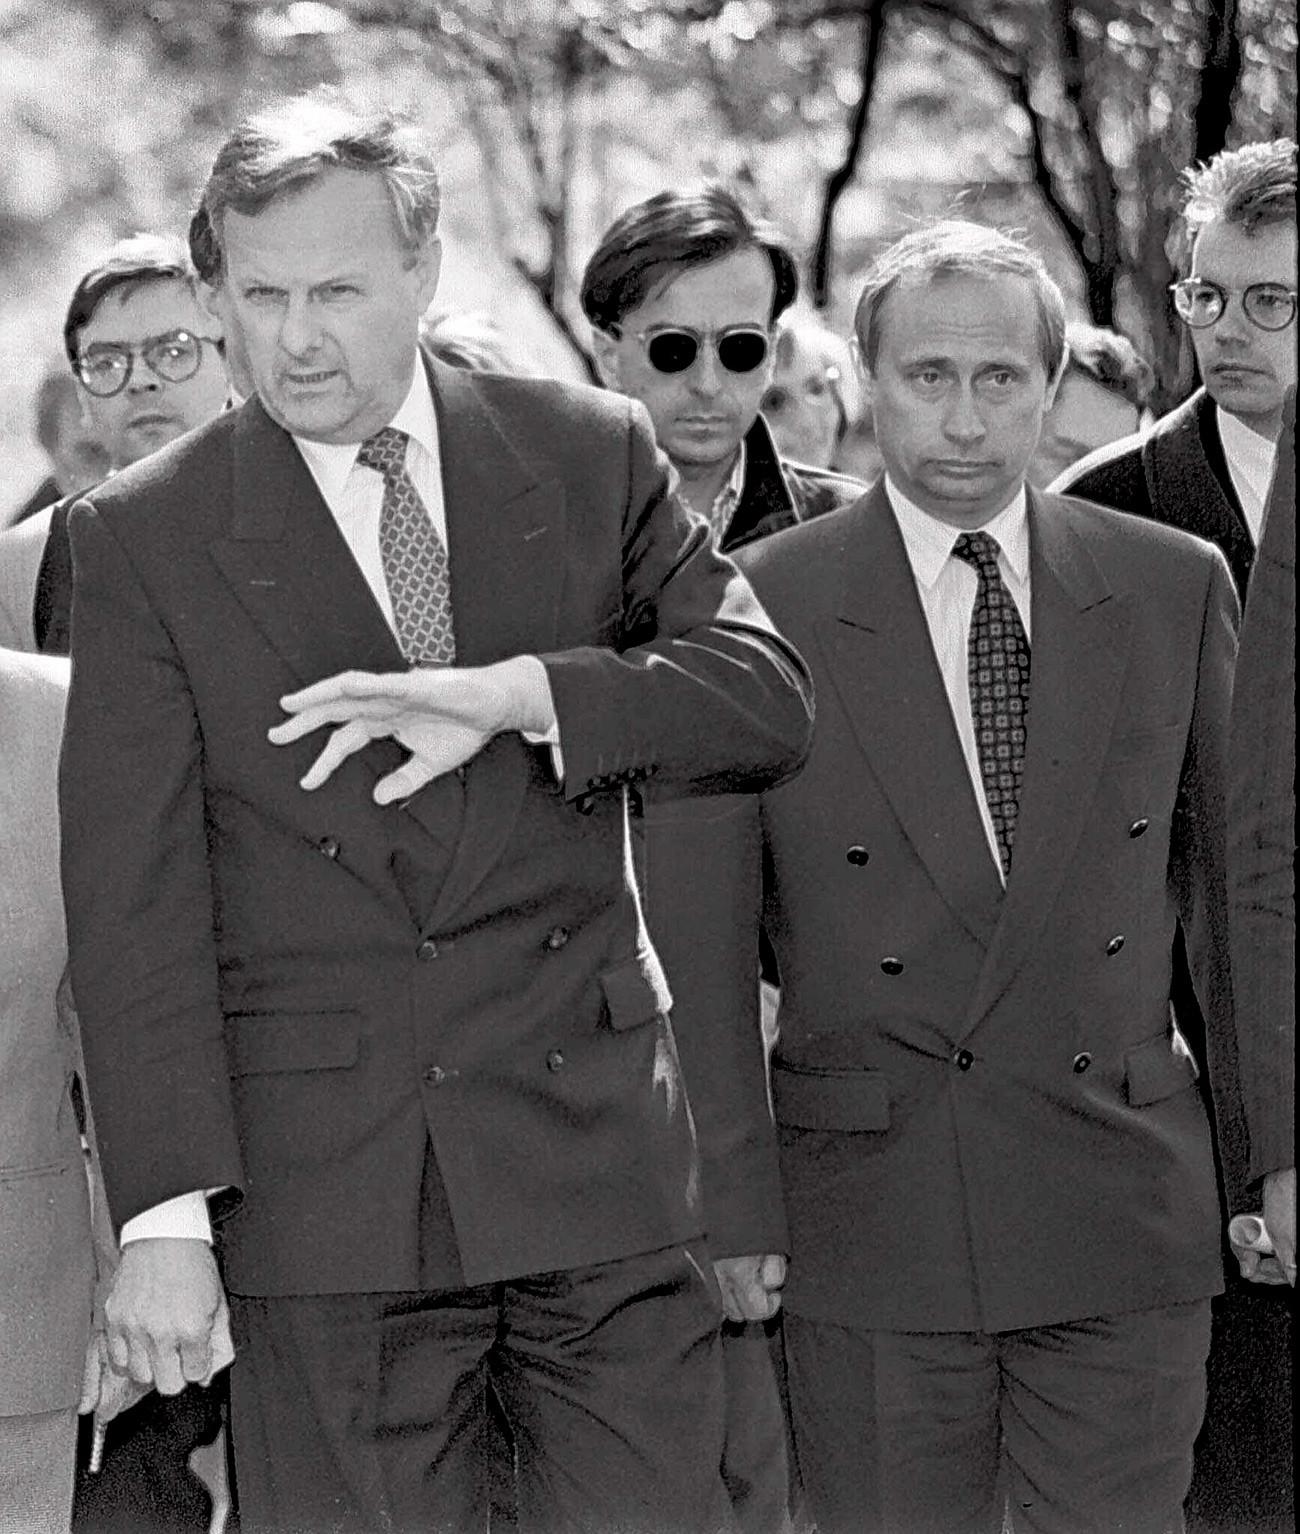 Anatoly Sobchak, mayor of St. Petersburg, gestures with Vladimir Putin, deputy mayor in St. Petersburg in 1994.